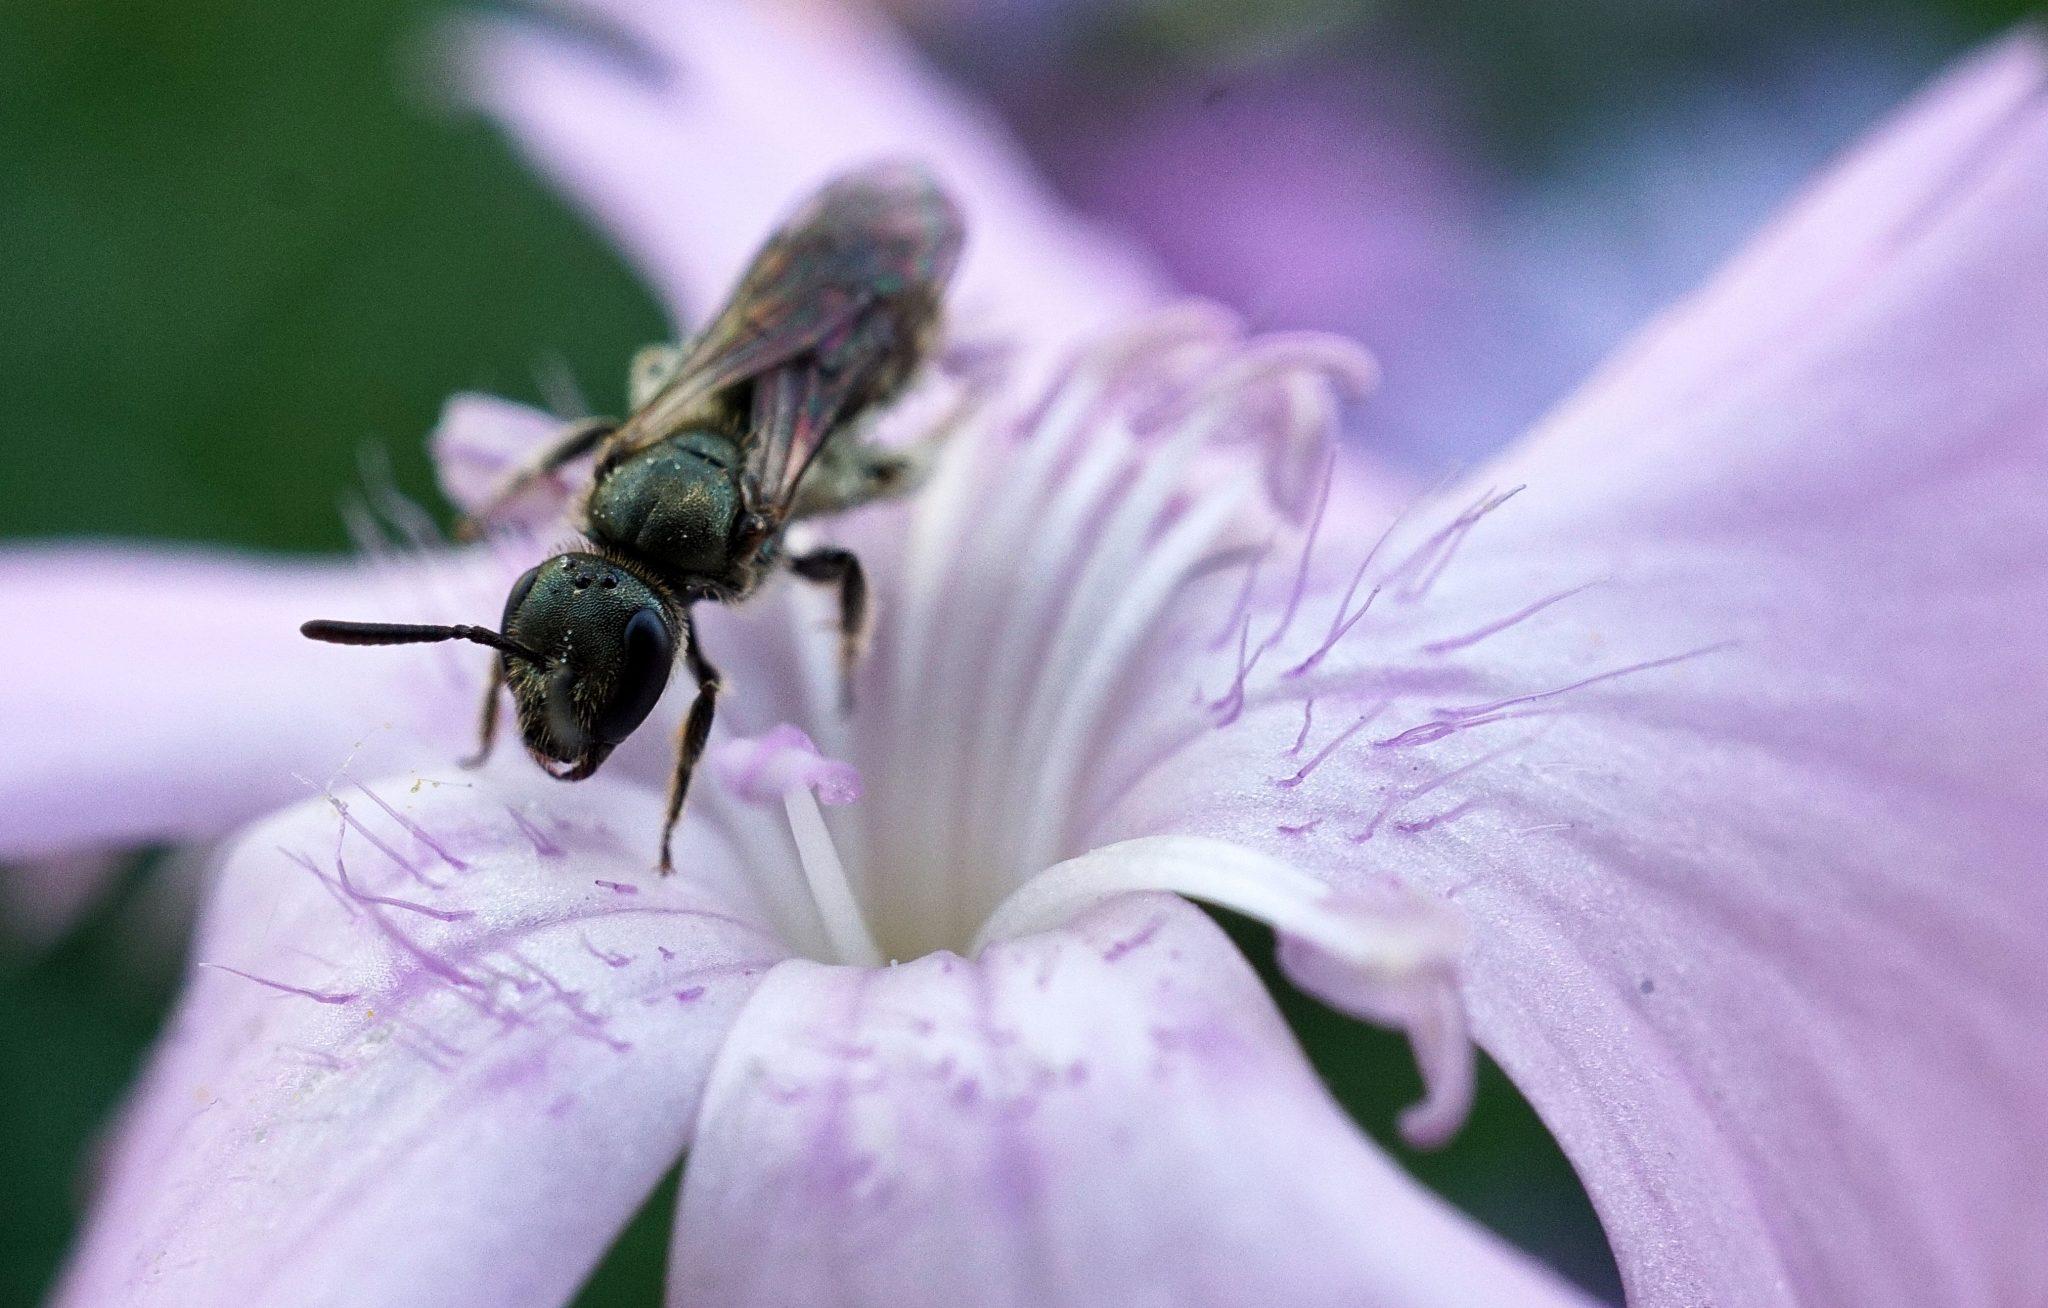 Winzige Wildbiene auf Pfingstnelke